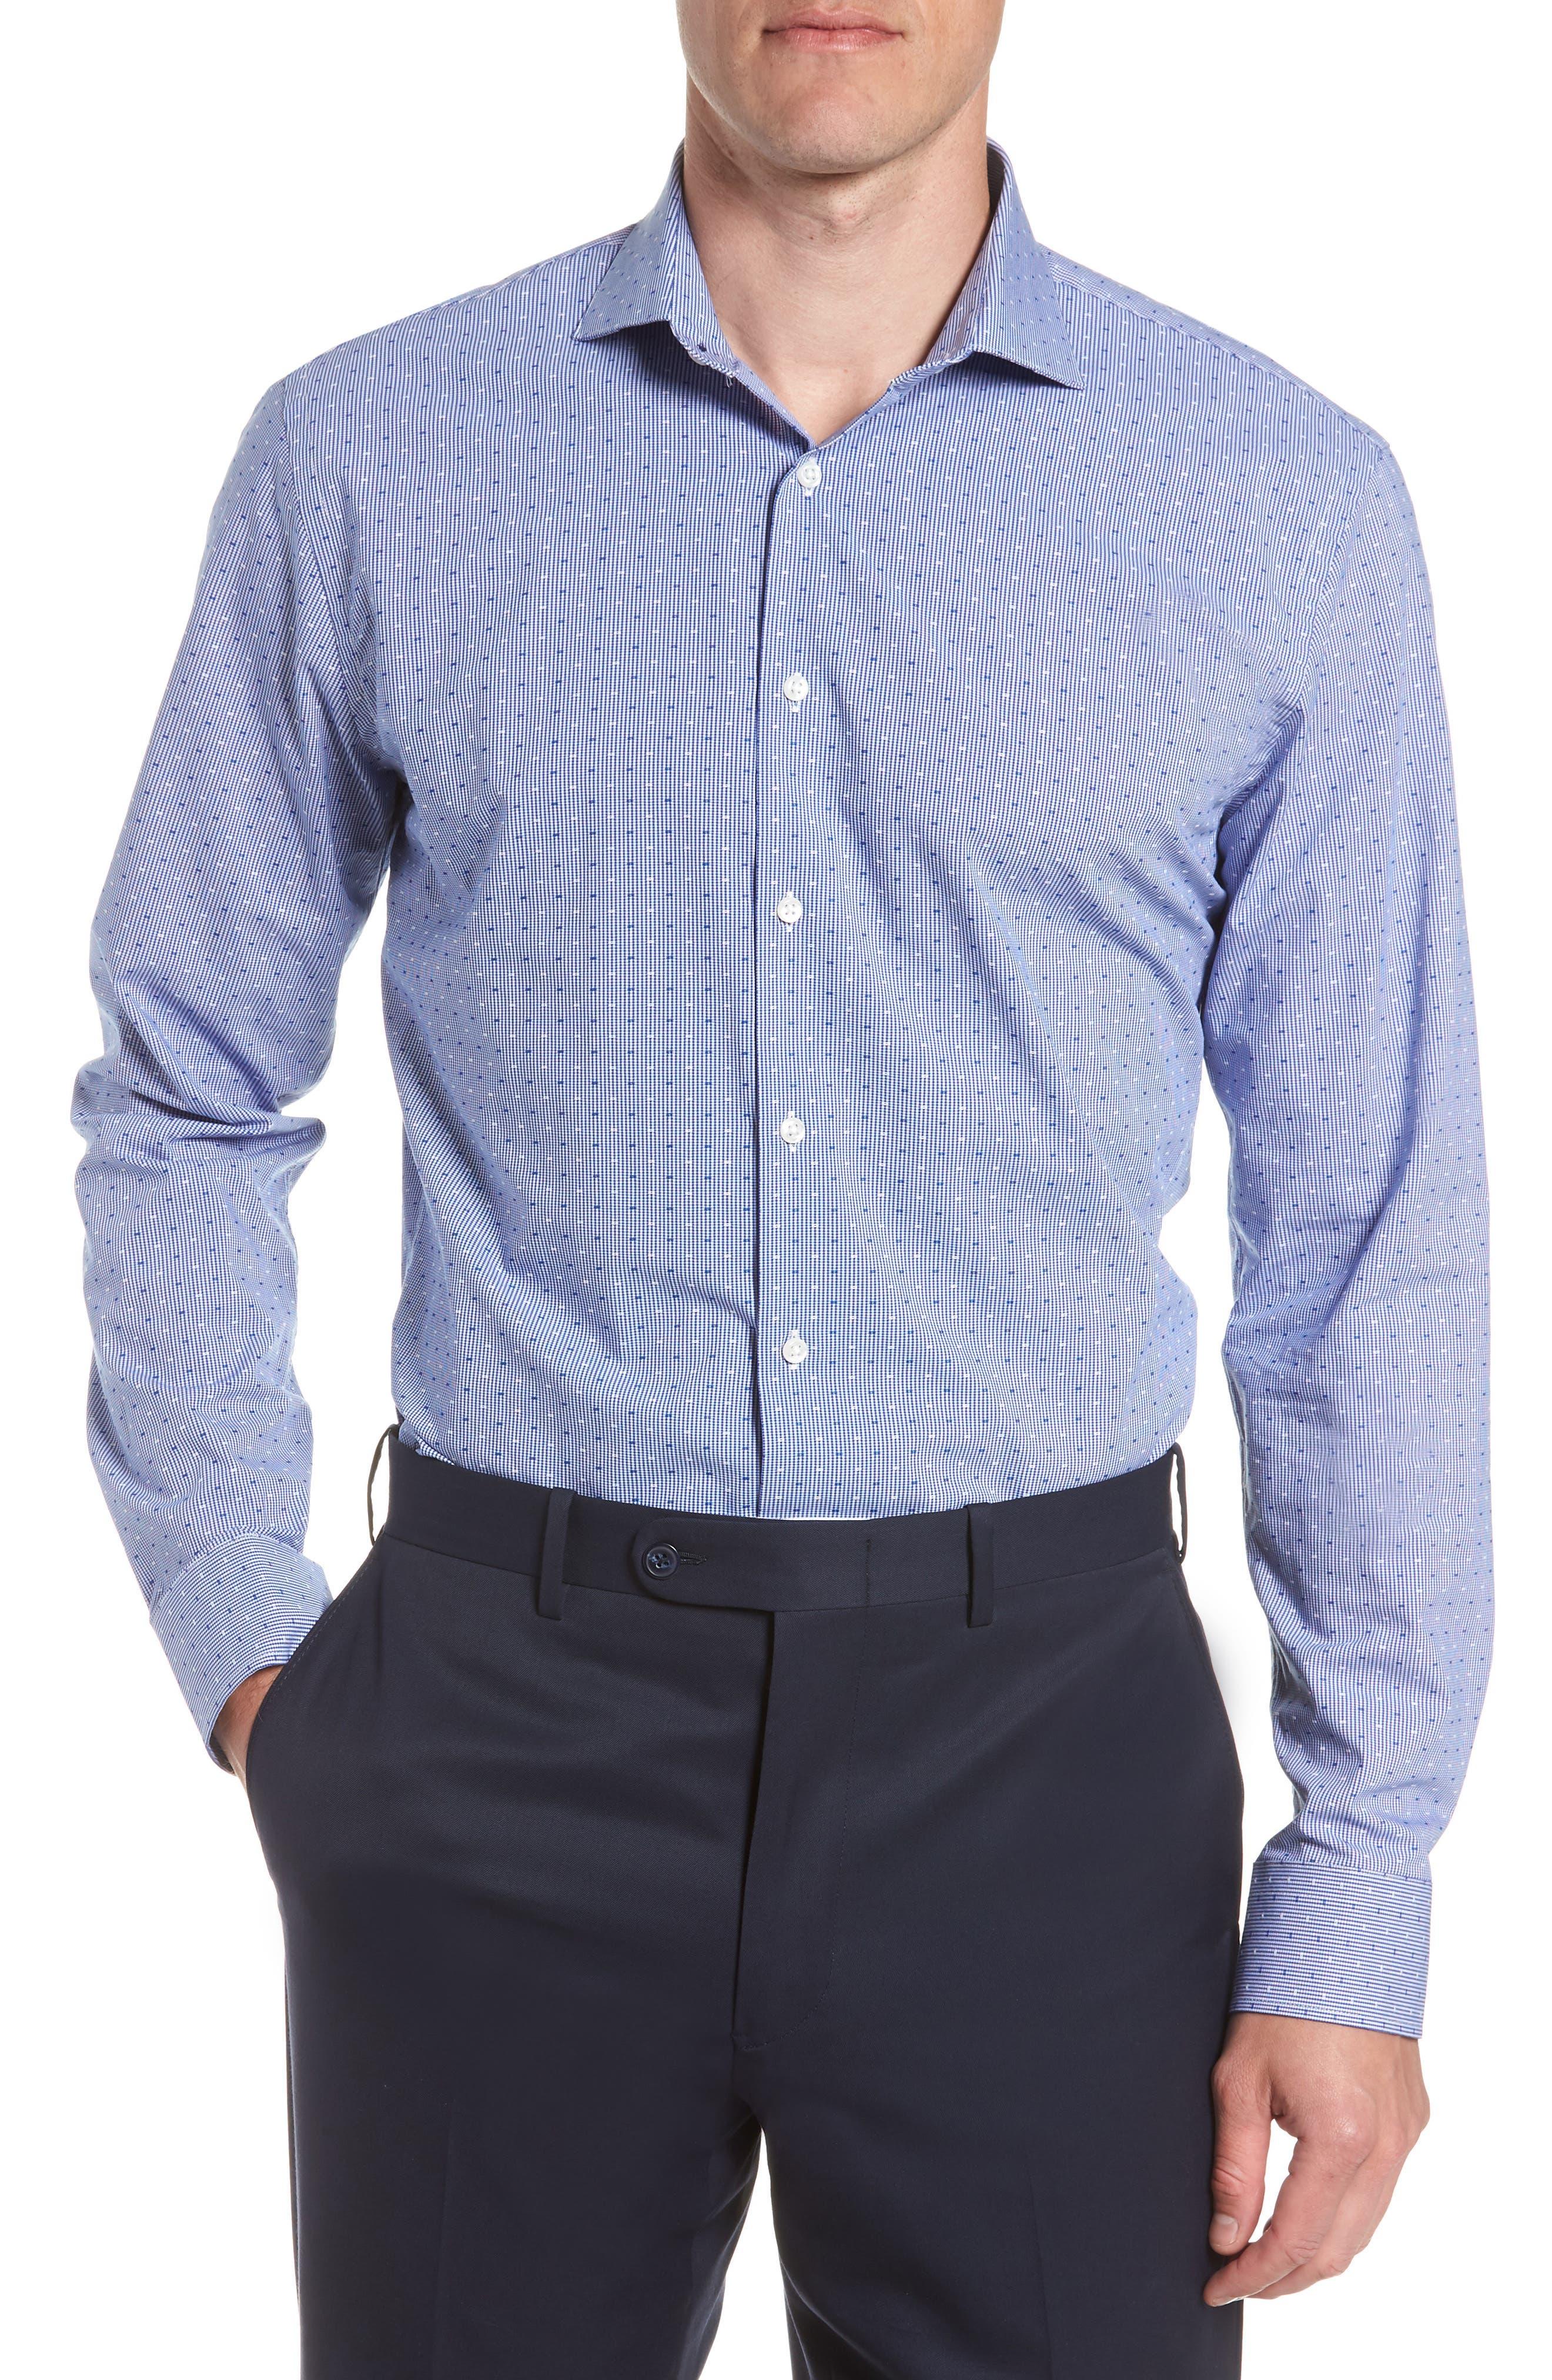 Tech-Smart Trim Fit Check Dress Shirt,                             Main thumbnail 1, color,